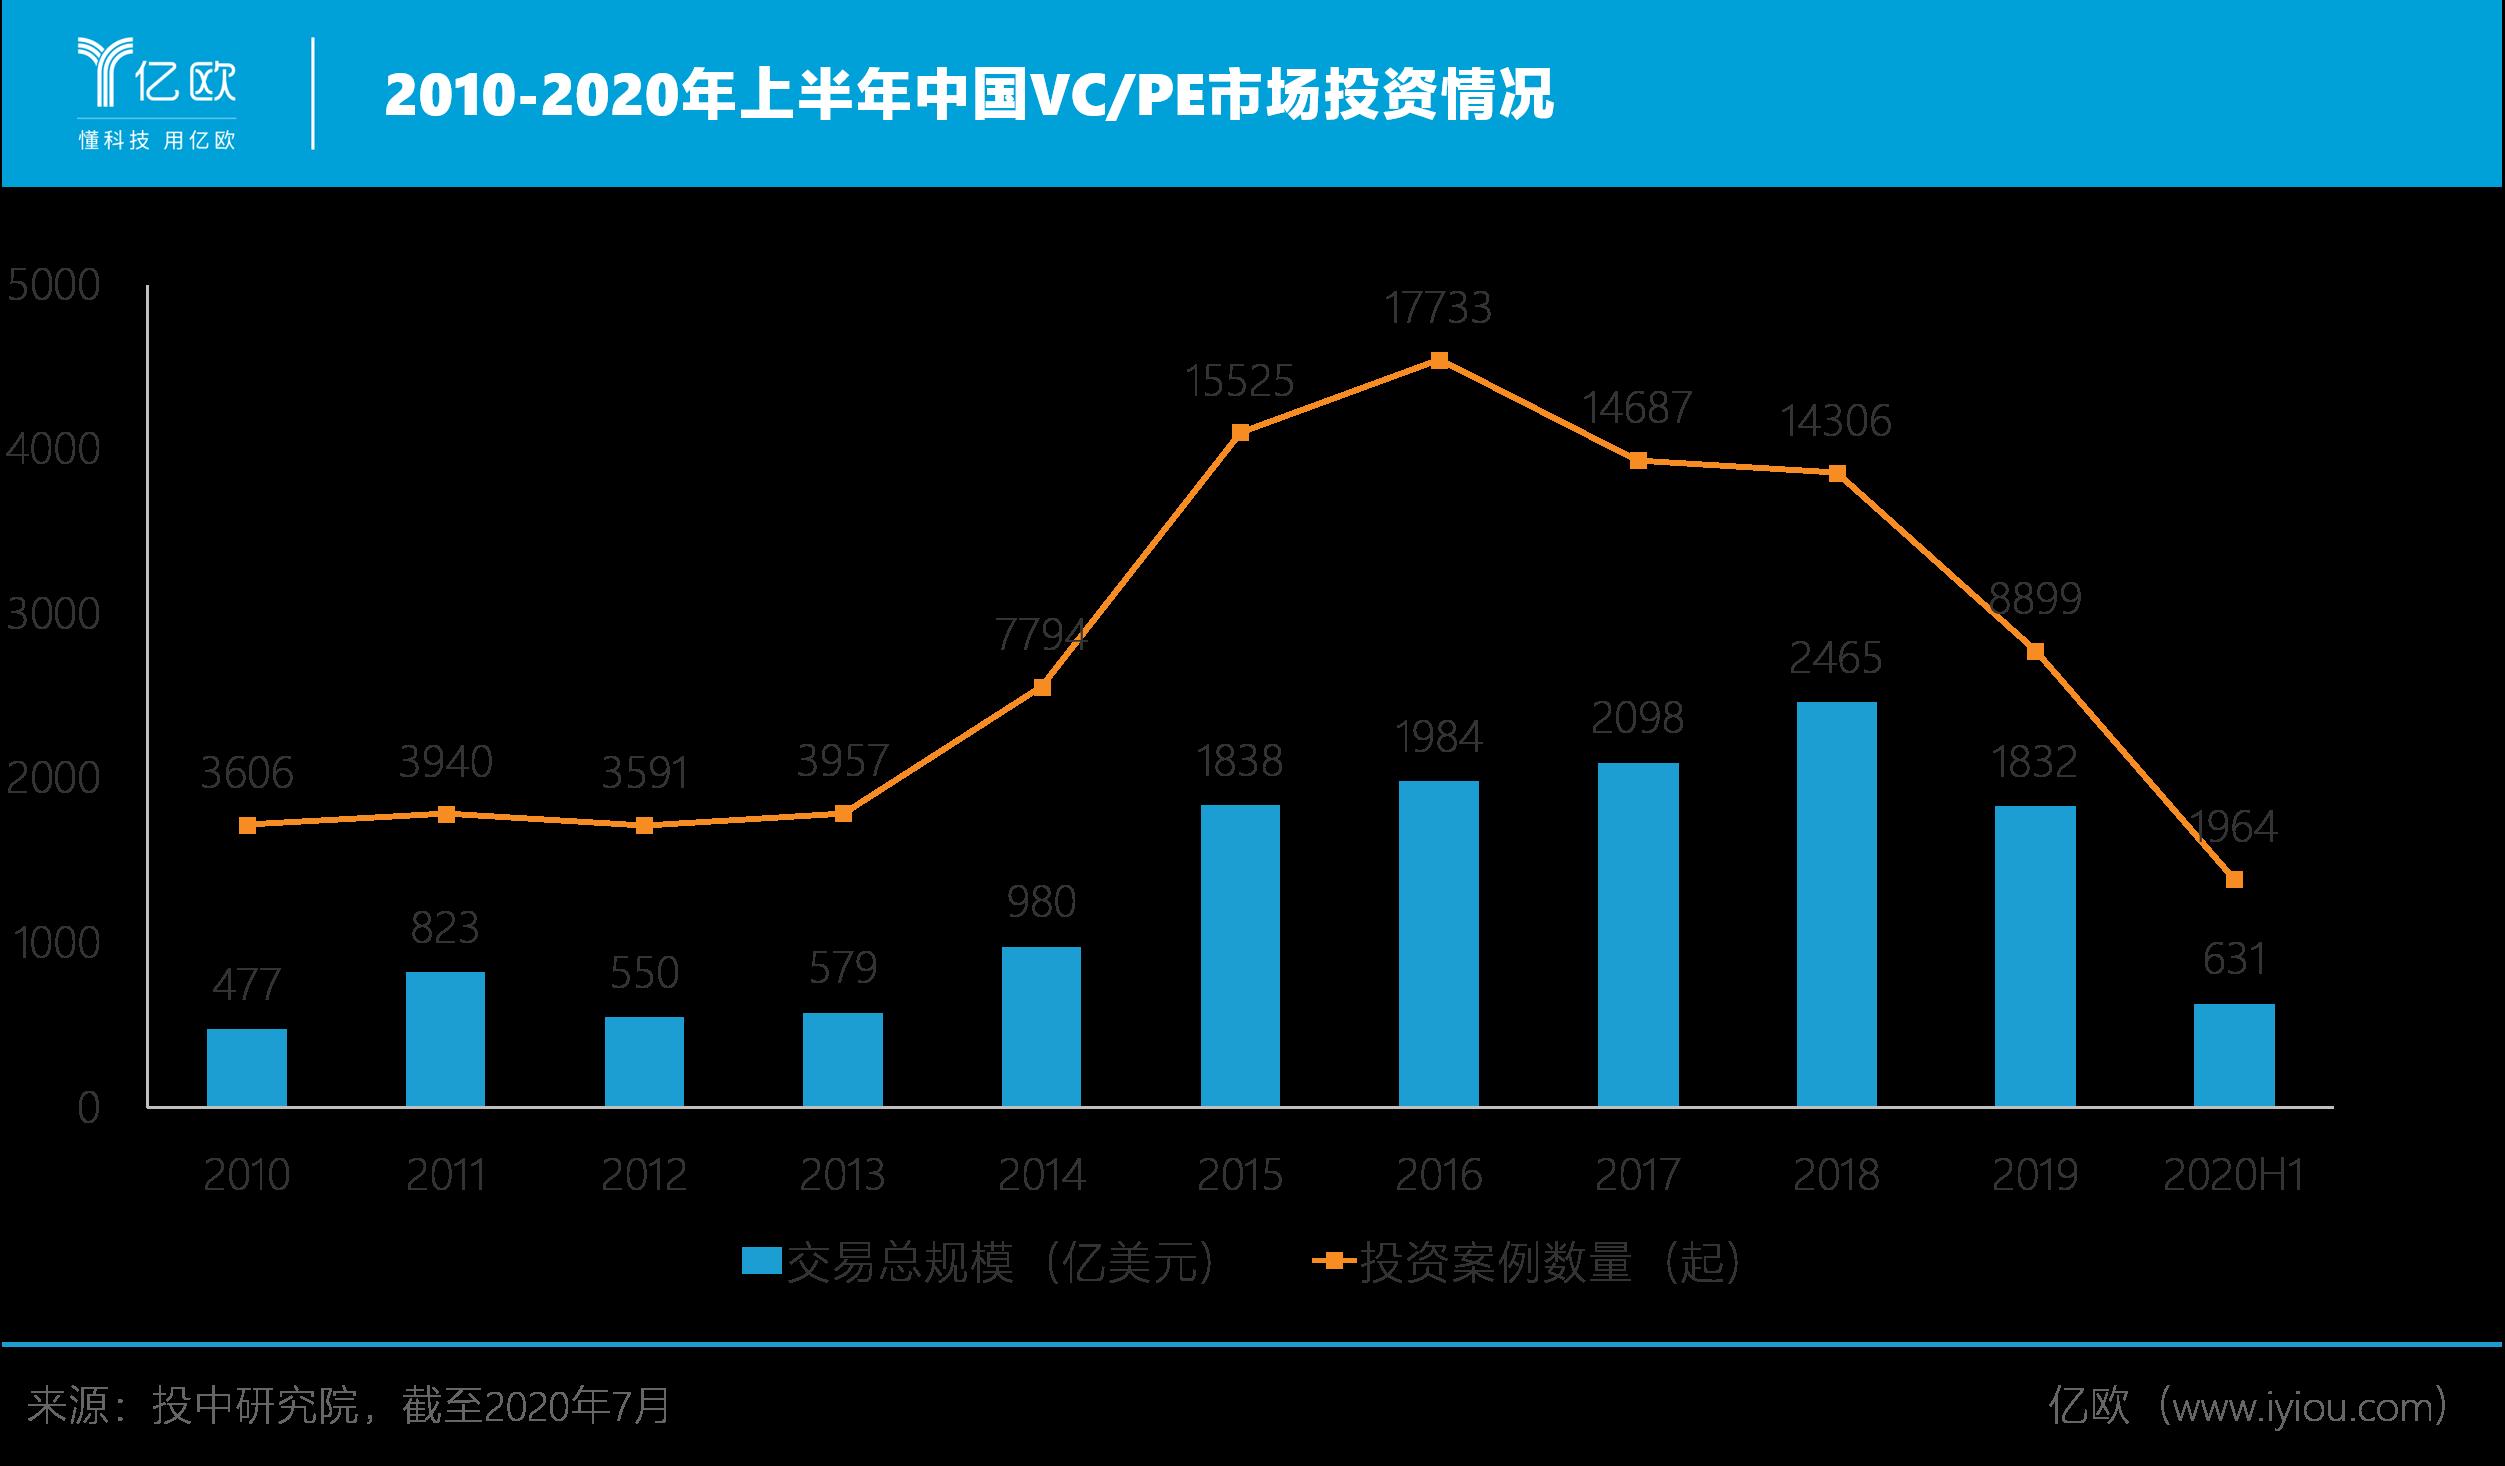 2010-2020年上半年中国VC/PE市场投资情况